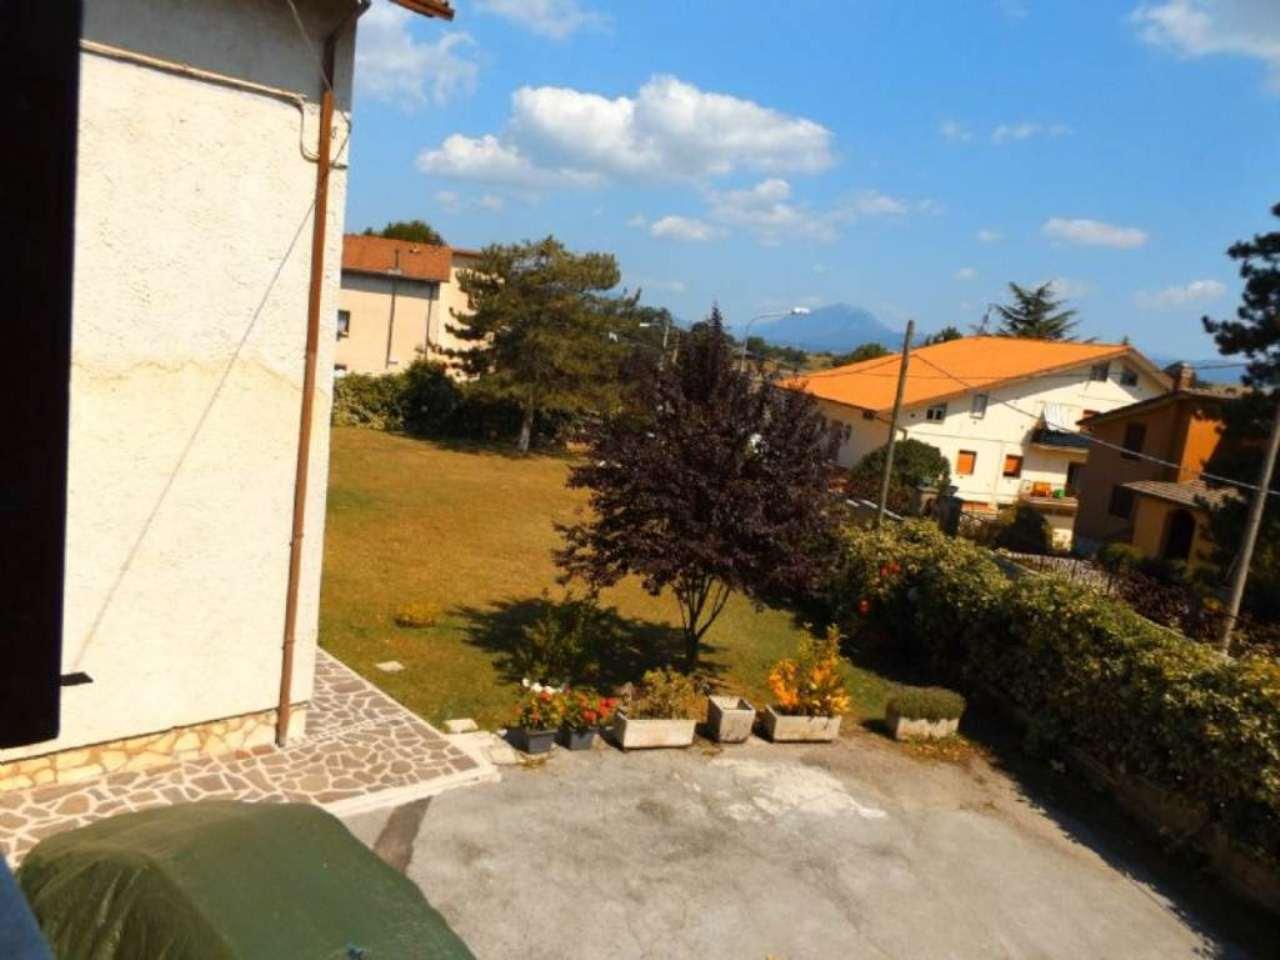 Rocca di Botte Vendita APPARTAMENTO Immagine 1